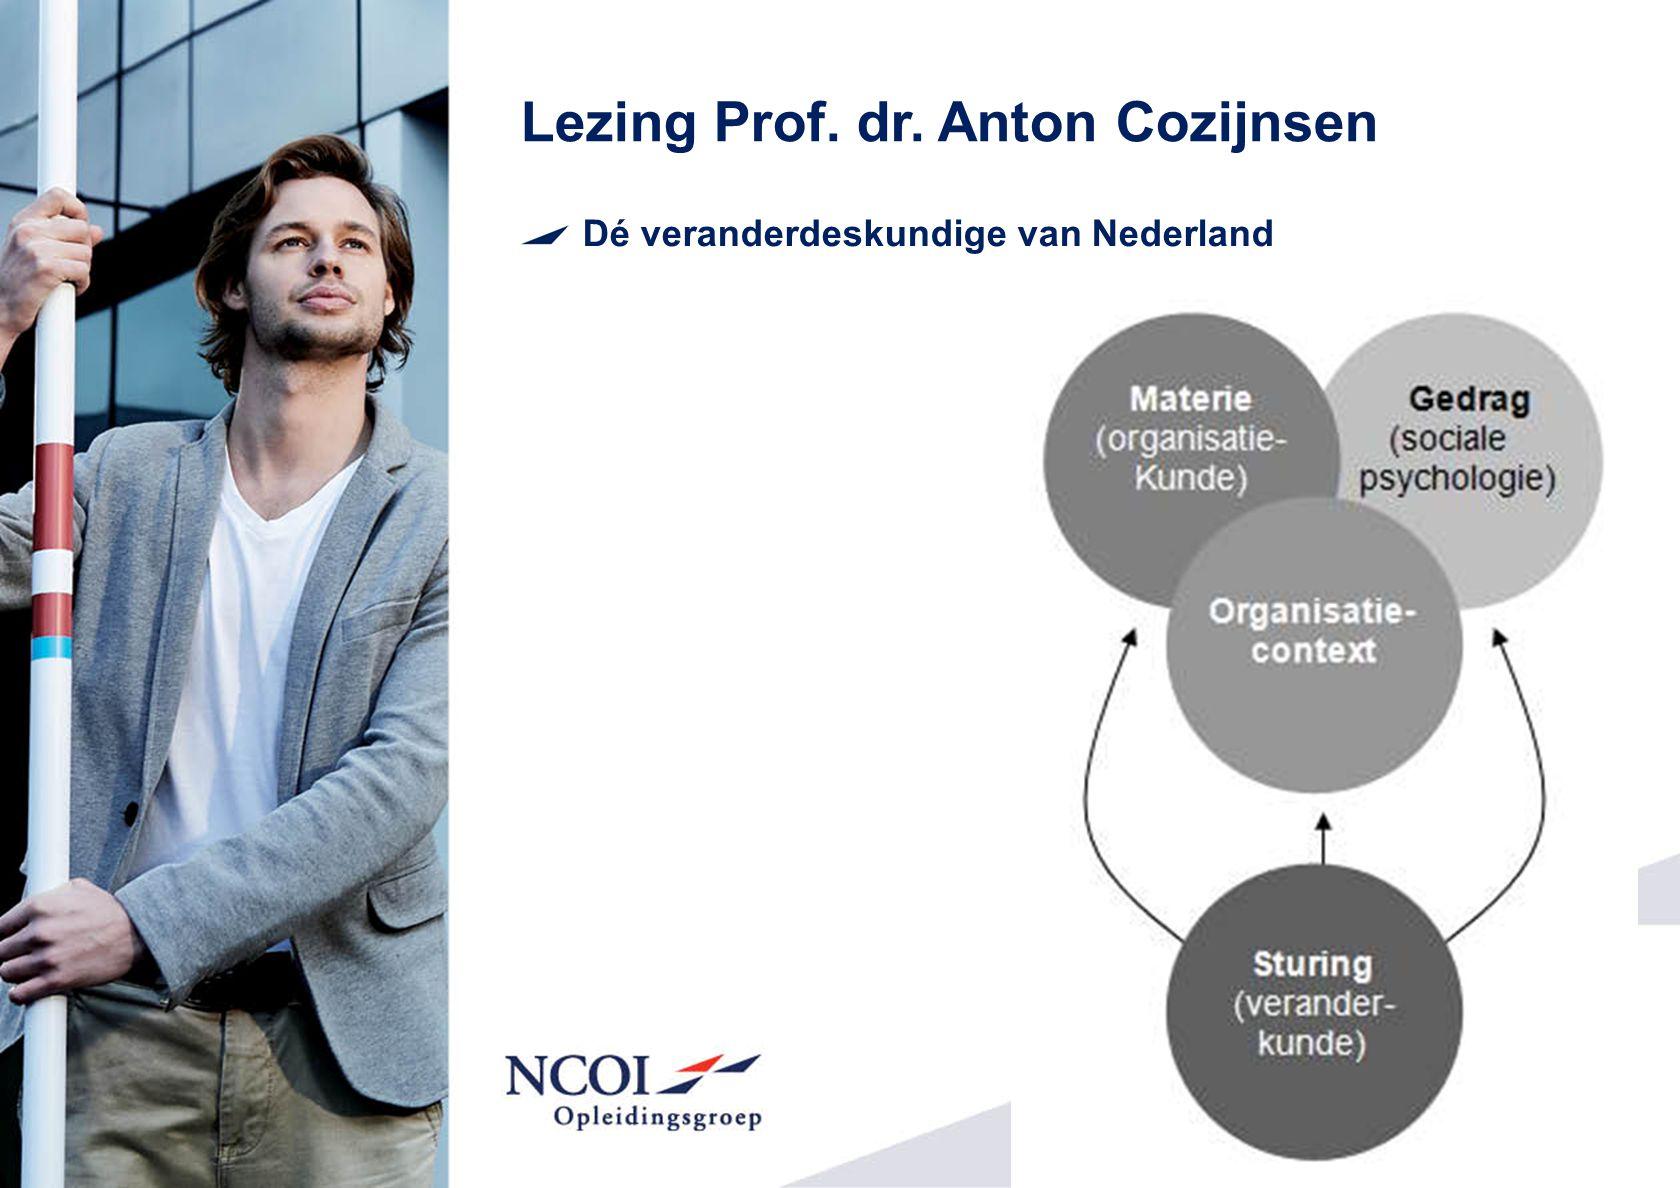 Lezing Prof. dr. Anton Cozijnsen